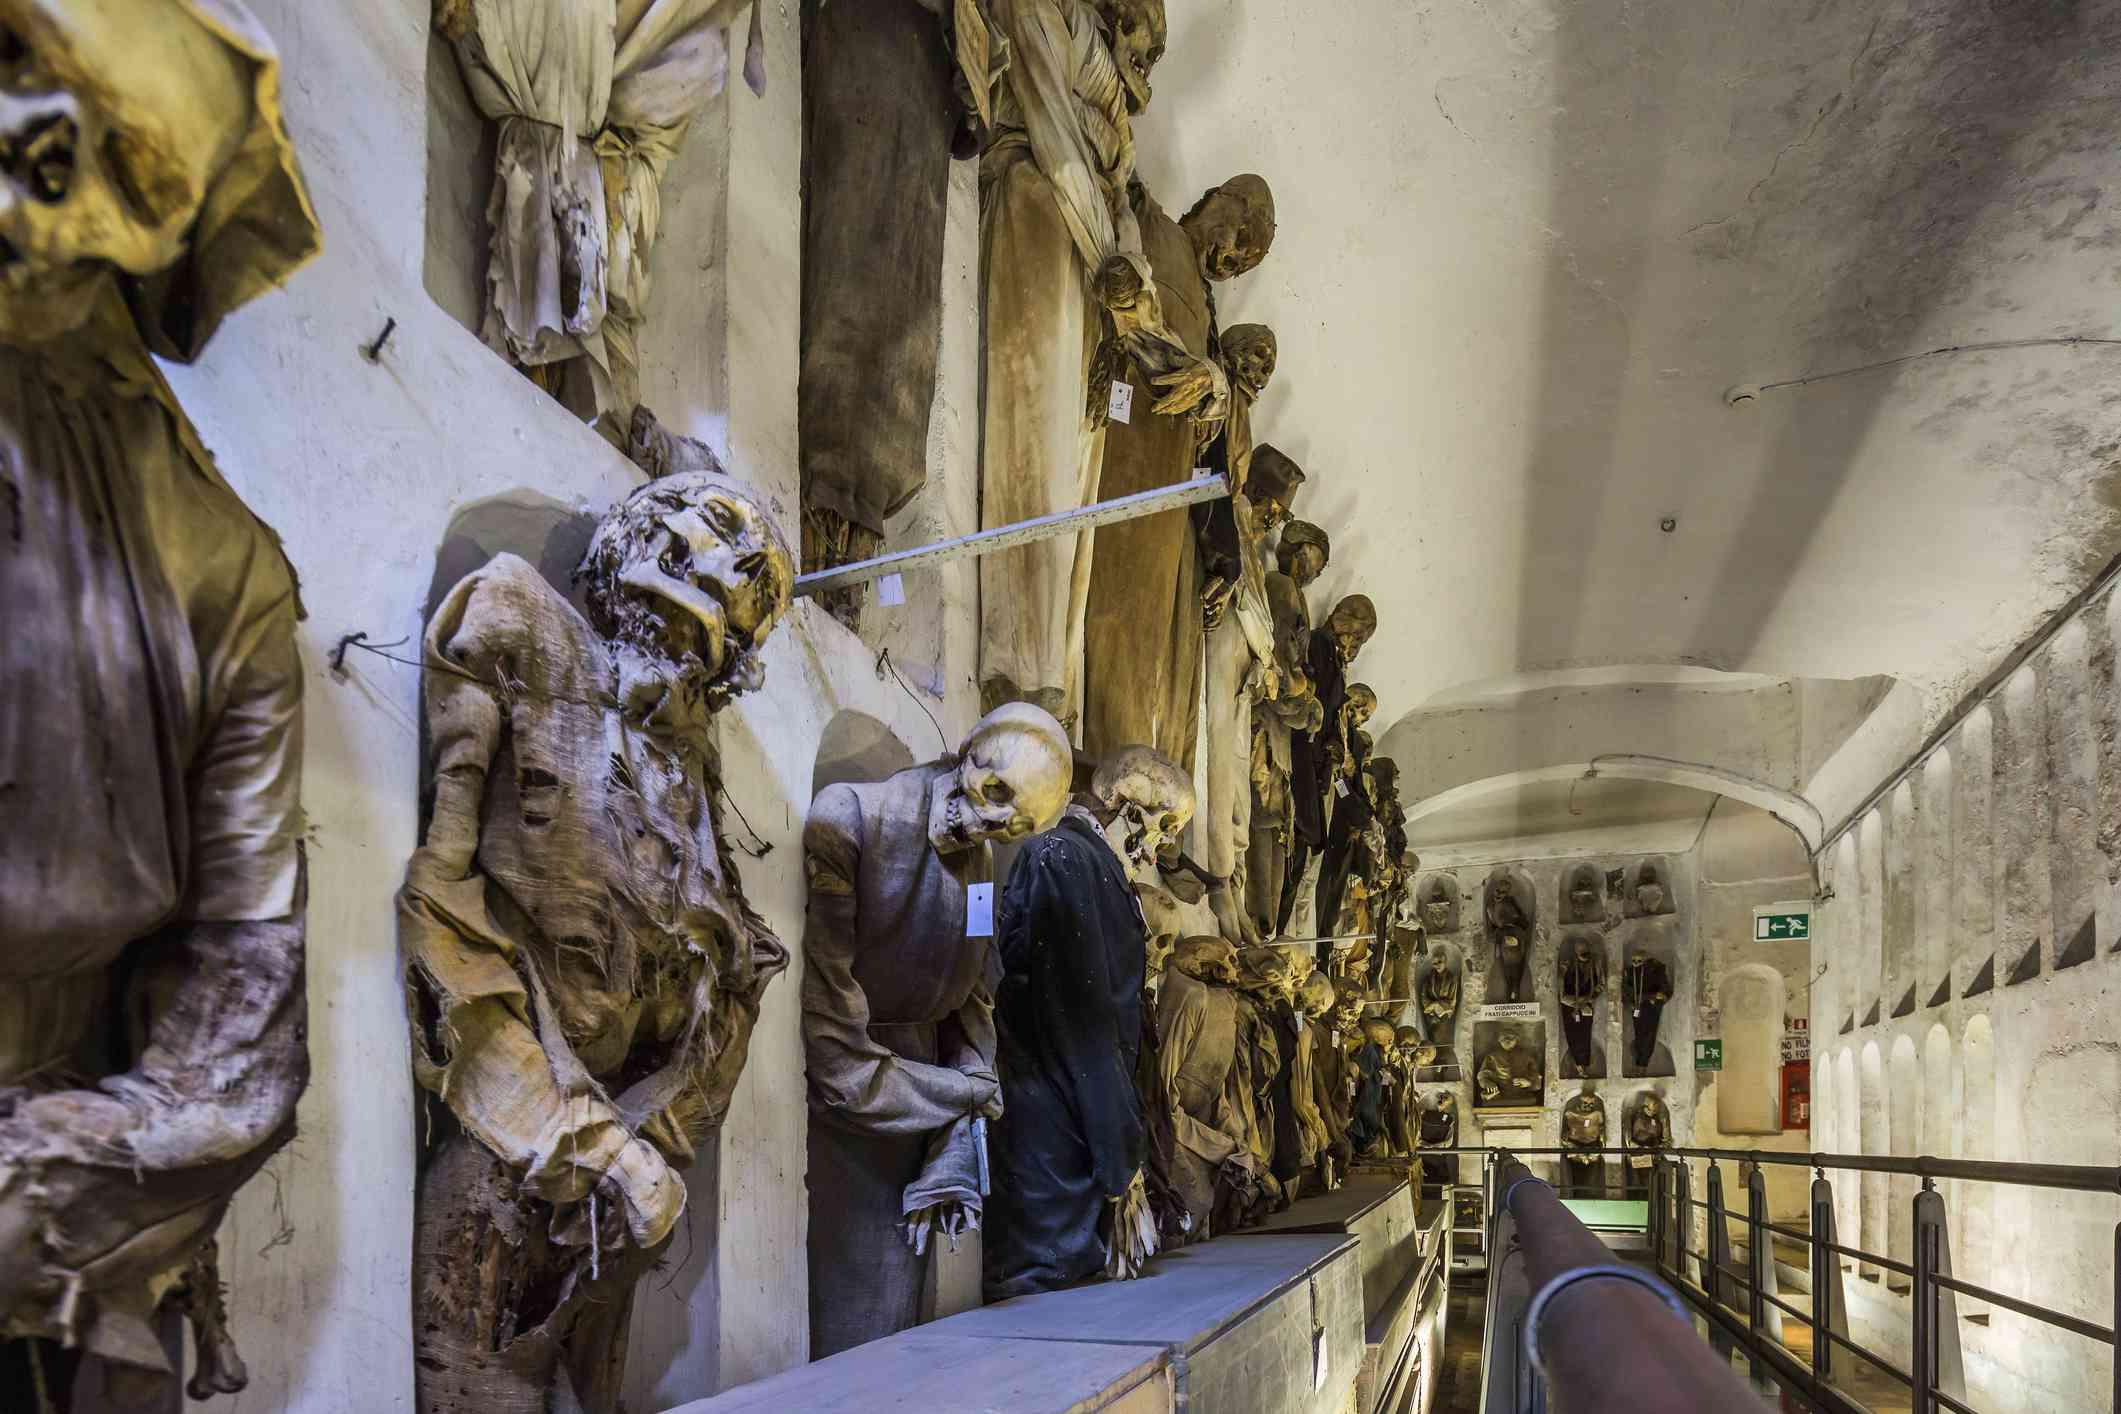 Convento (Monastery) dei Cappuccini, the Catacombe dei Cappuccini (Catacombs of the Capuchin Monks)